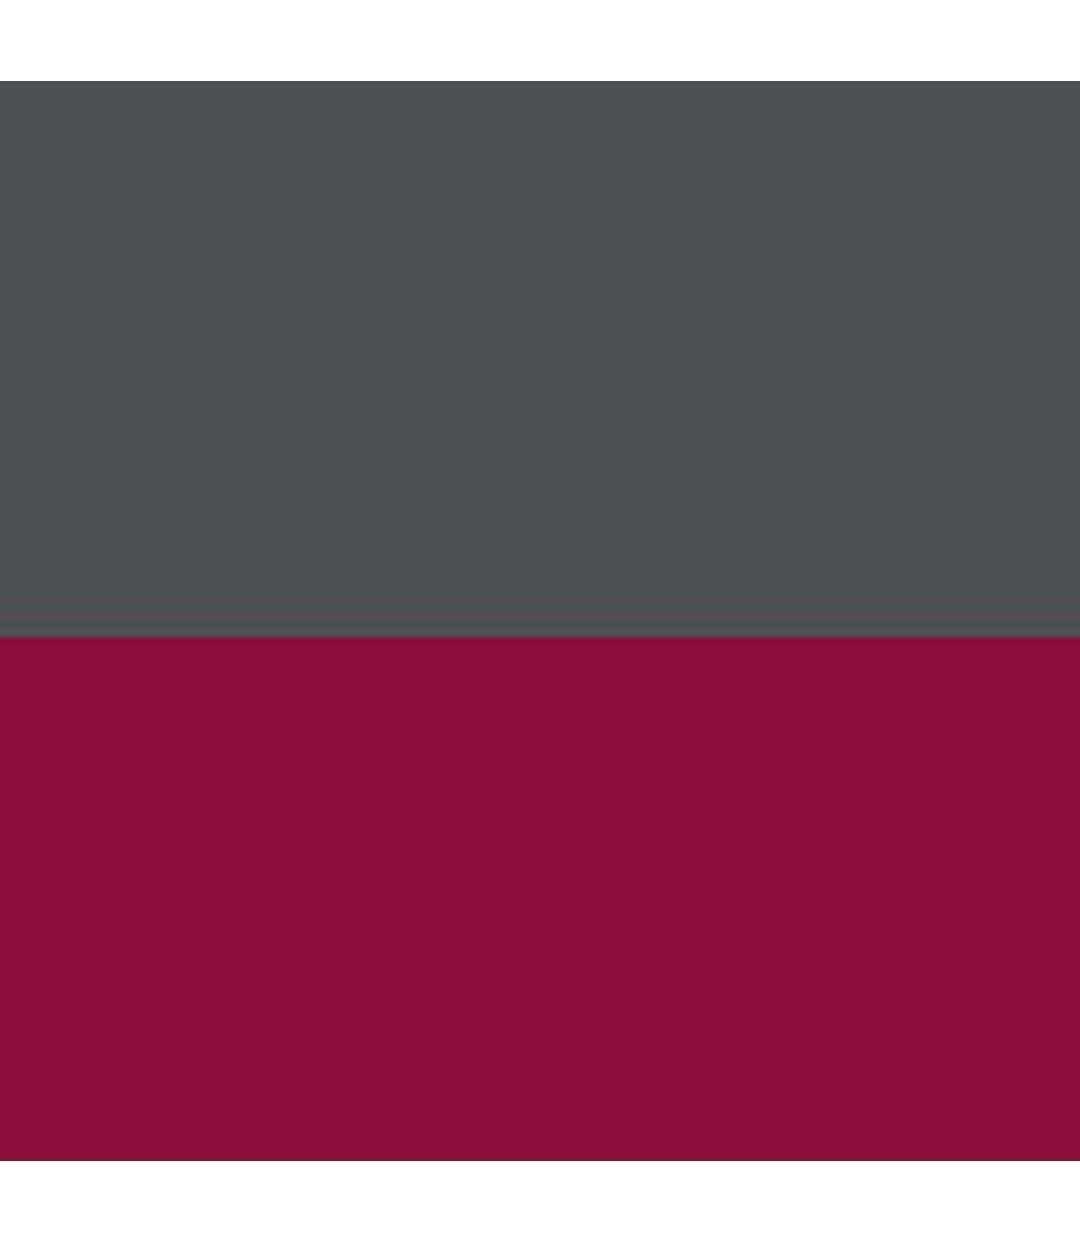 Awdis Mens Varsity Hooded Sweatshirt / Hoodie / Zoodie (Burgundy/ Charcoal) - UTRW182